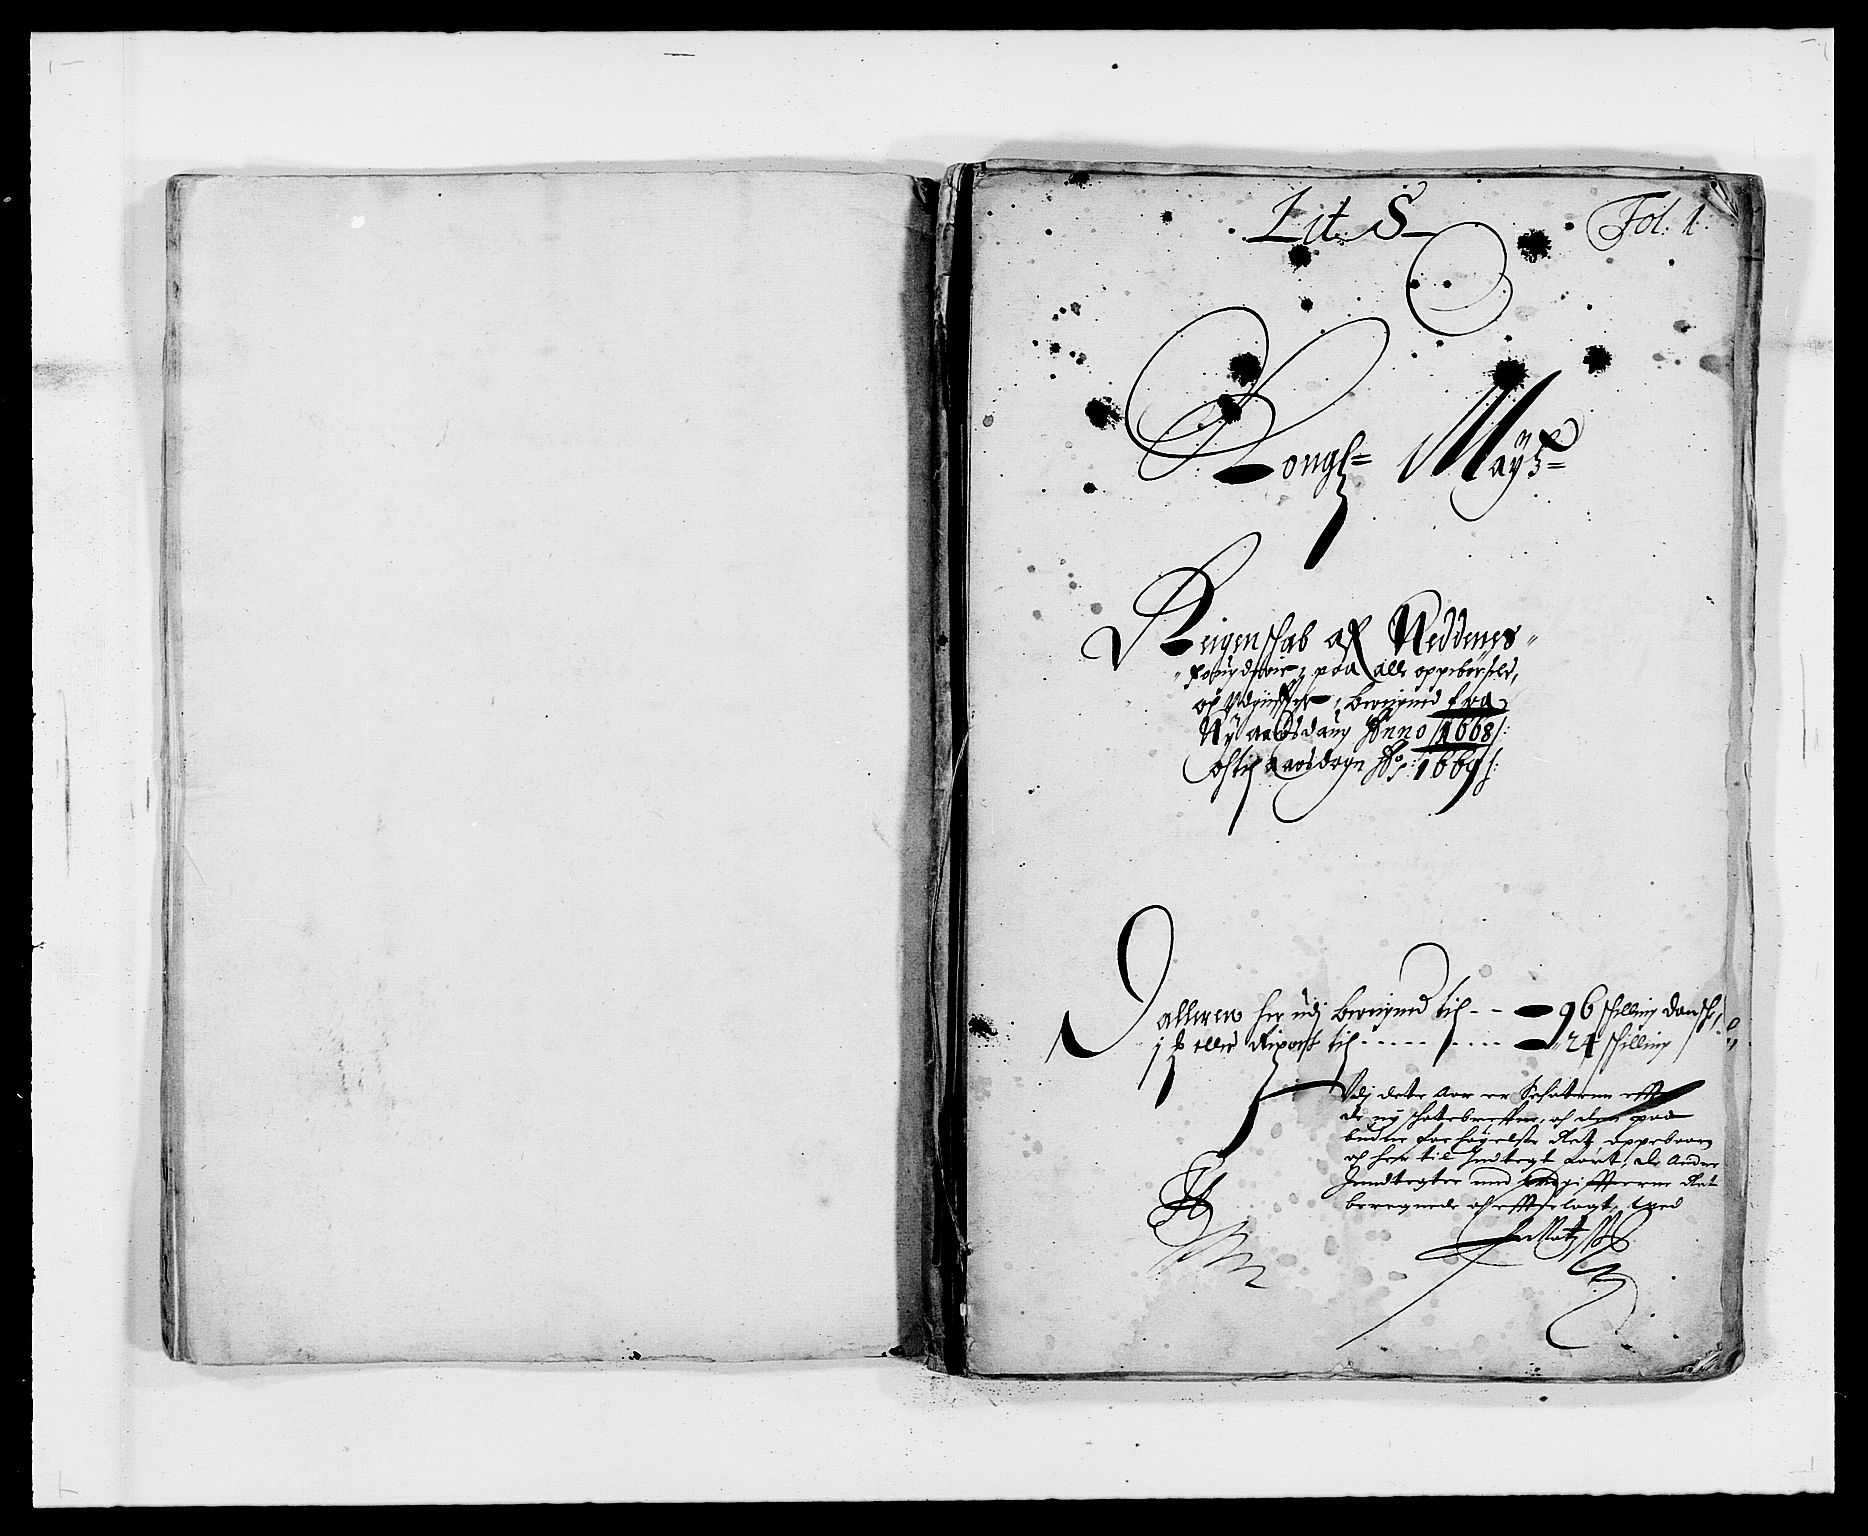 RA, Rentekammeret inntil 1814, Reviderte regnskaper, Fogderegnskap, R39/L2297: Fogderegnskap Nedenes, 1667-1669, s. 123